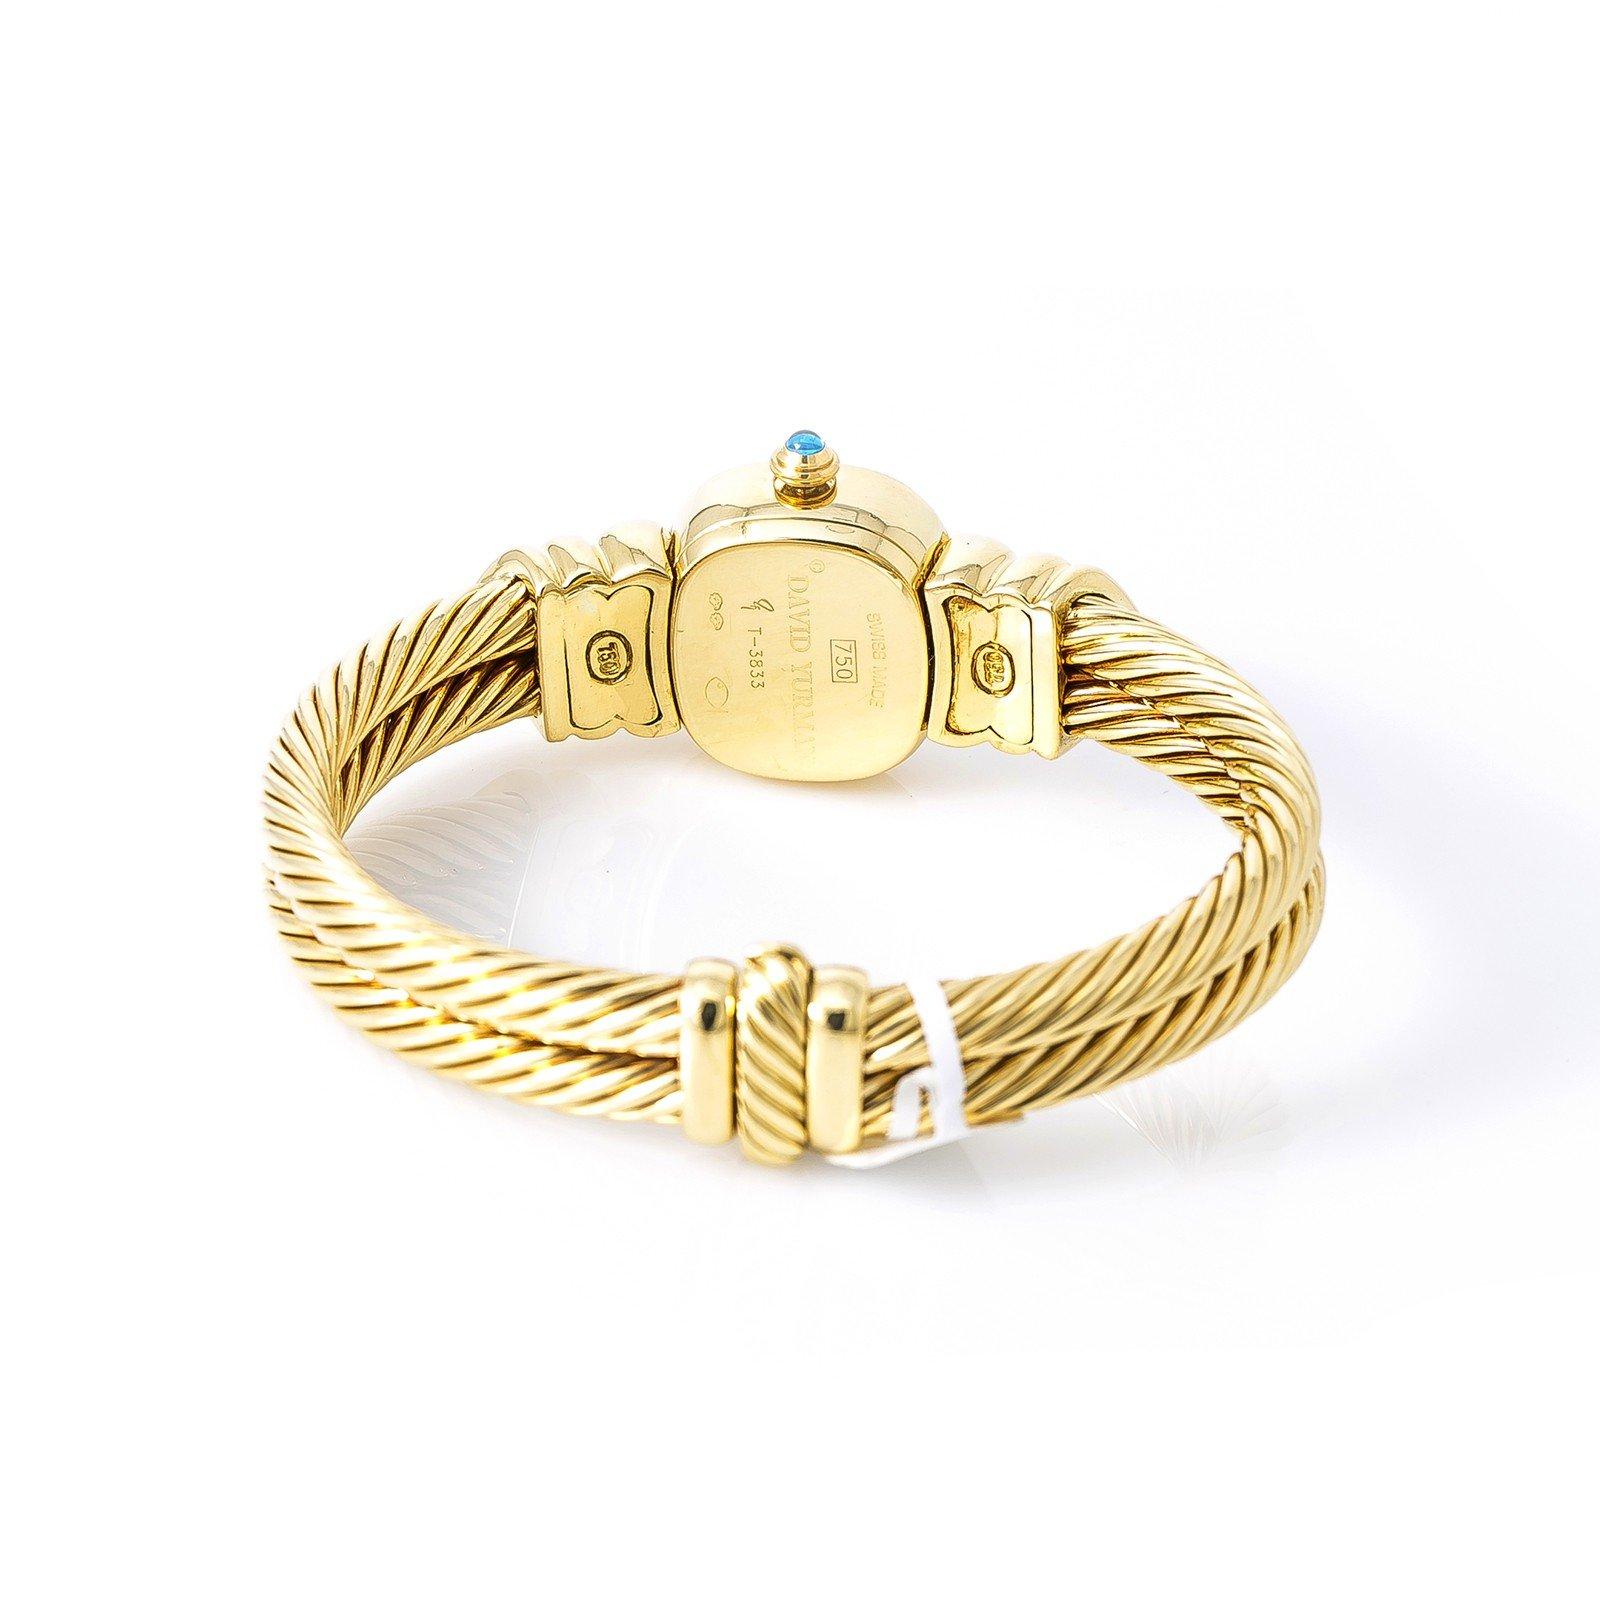 David Yurman Bangle Watch quartz womens Watch T-3833 (Certified Pre-owned) by David Yurman (Image #2)